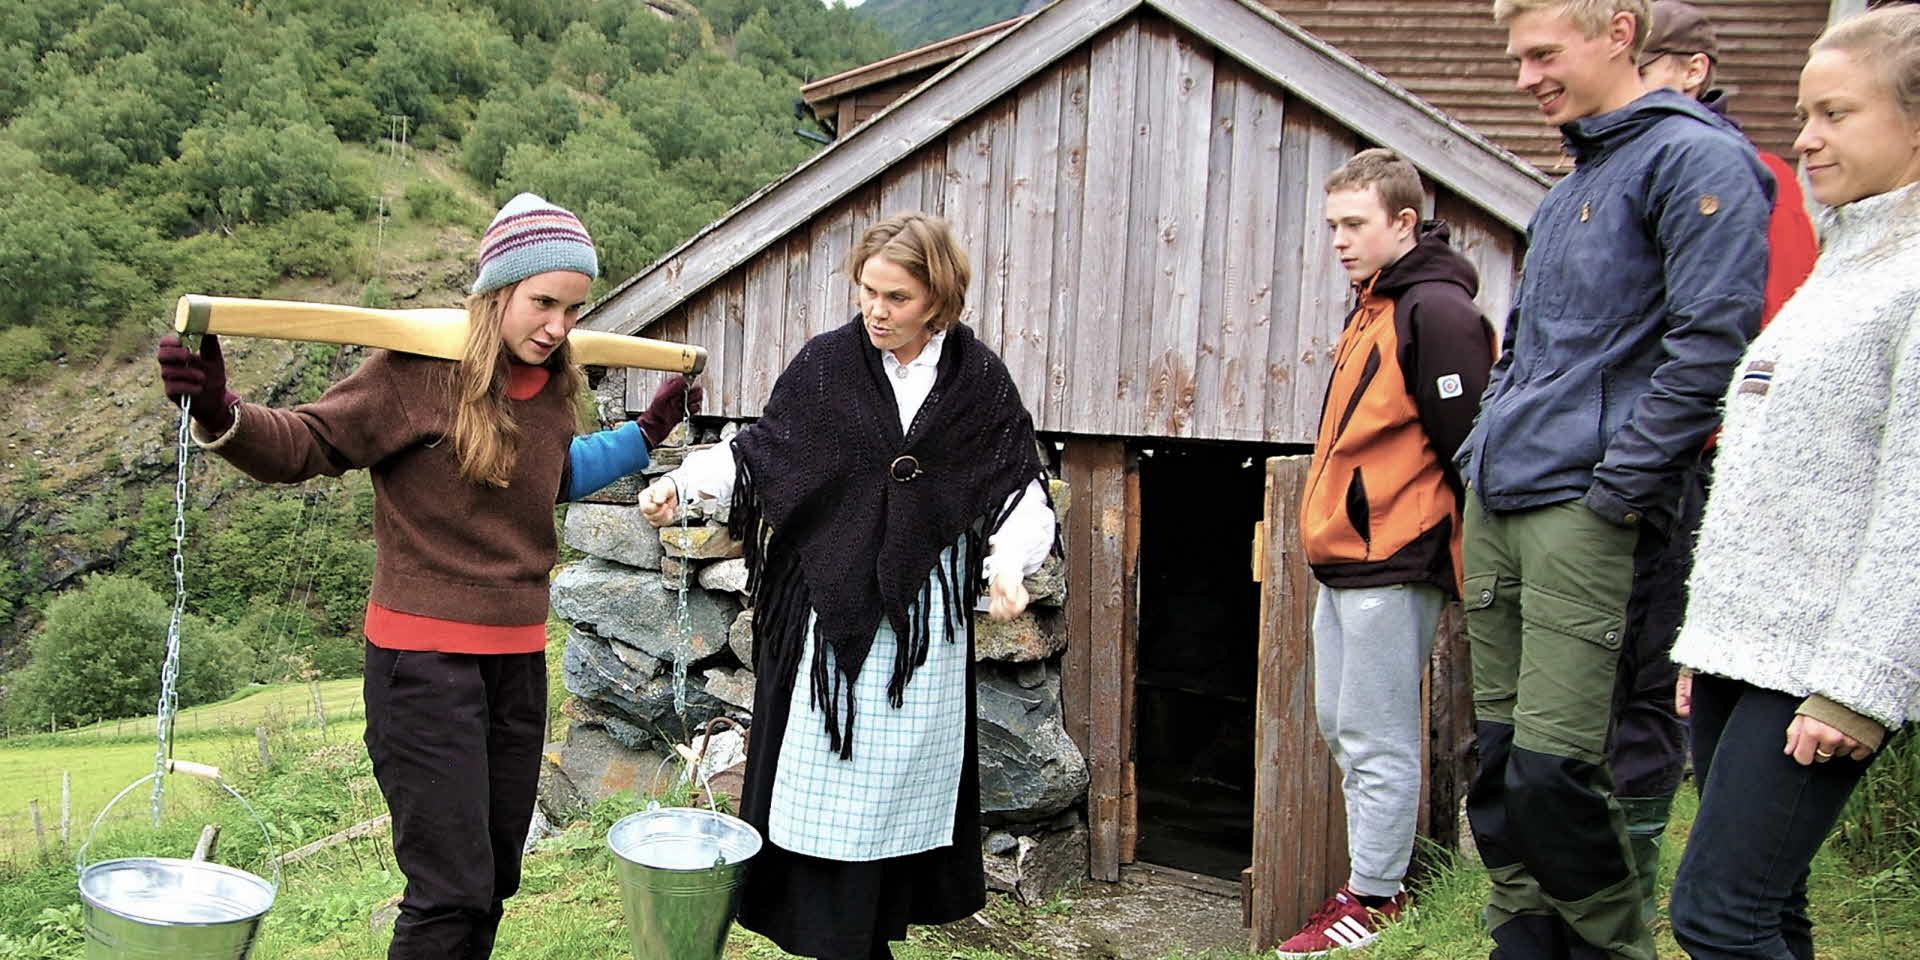 伝統的なドレスを着た農場の女性は、古いヤギ小屋の外で肩からぶら下がる2つのミルク桶を運ぶ方法を若者らに示しています